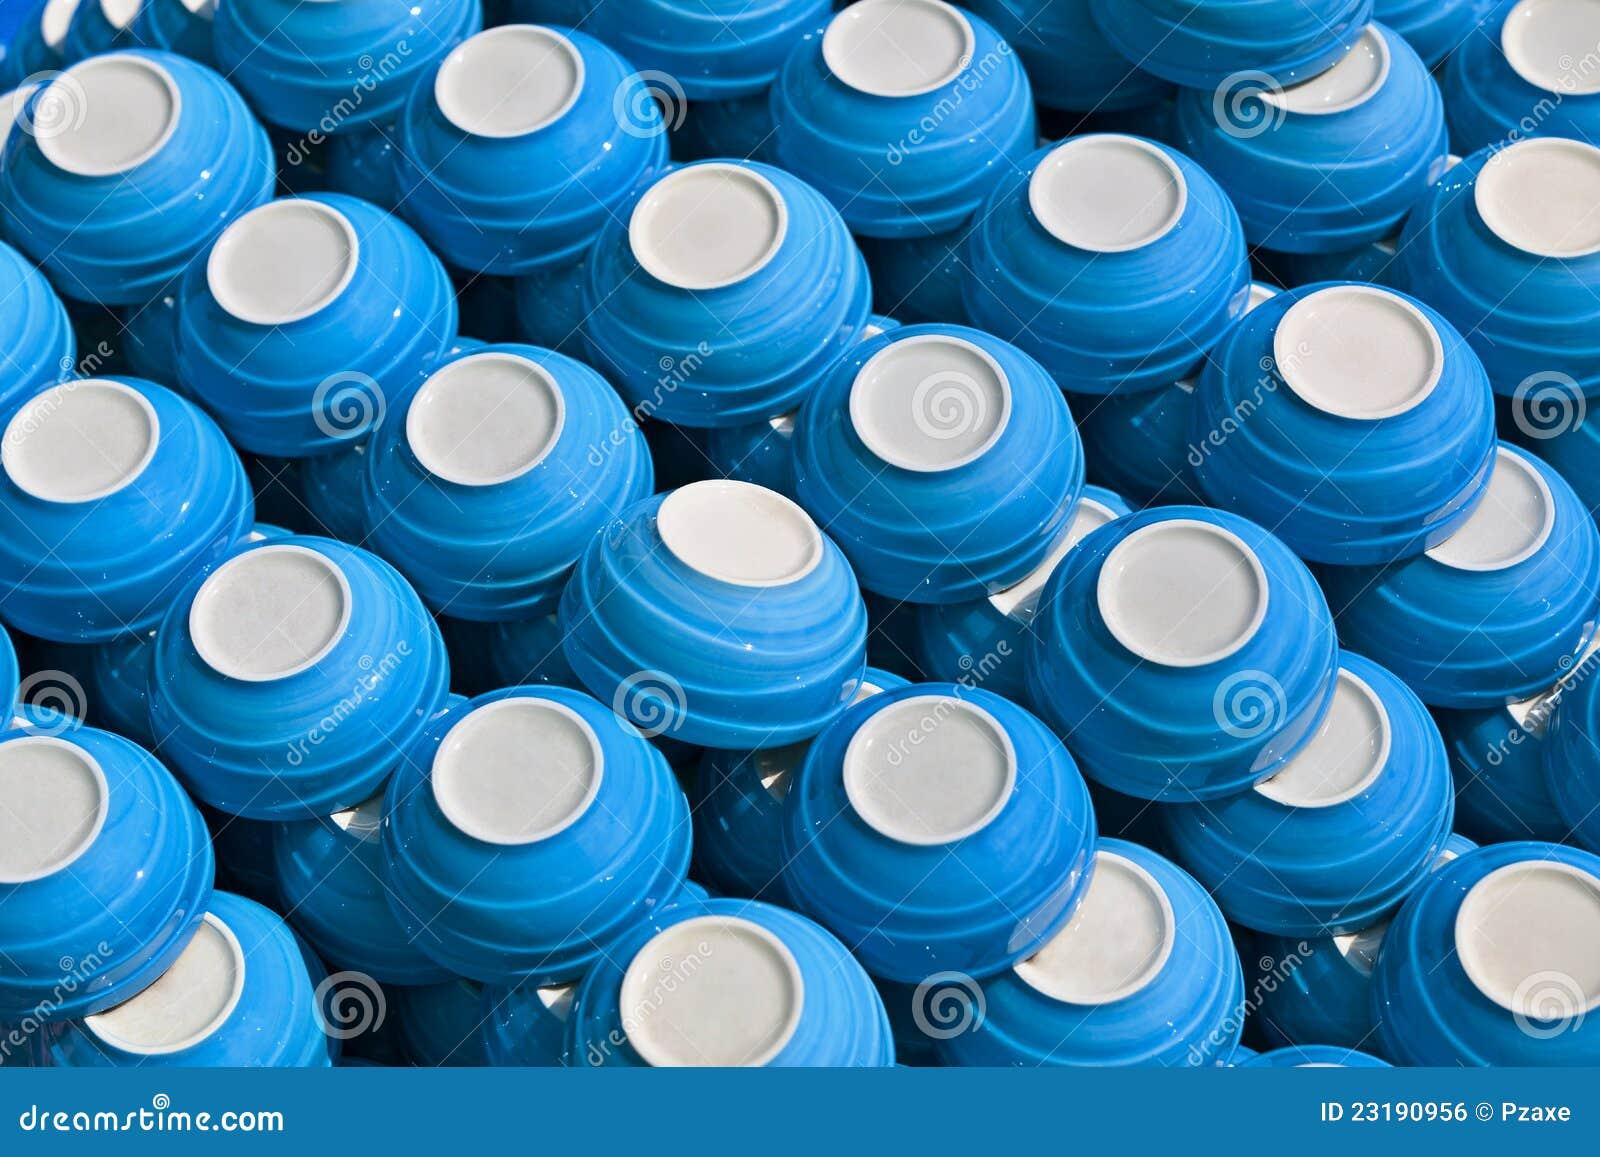 Blauwe ceramische koppen - schotels op de markt